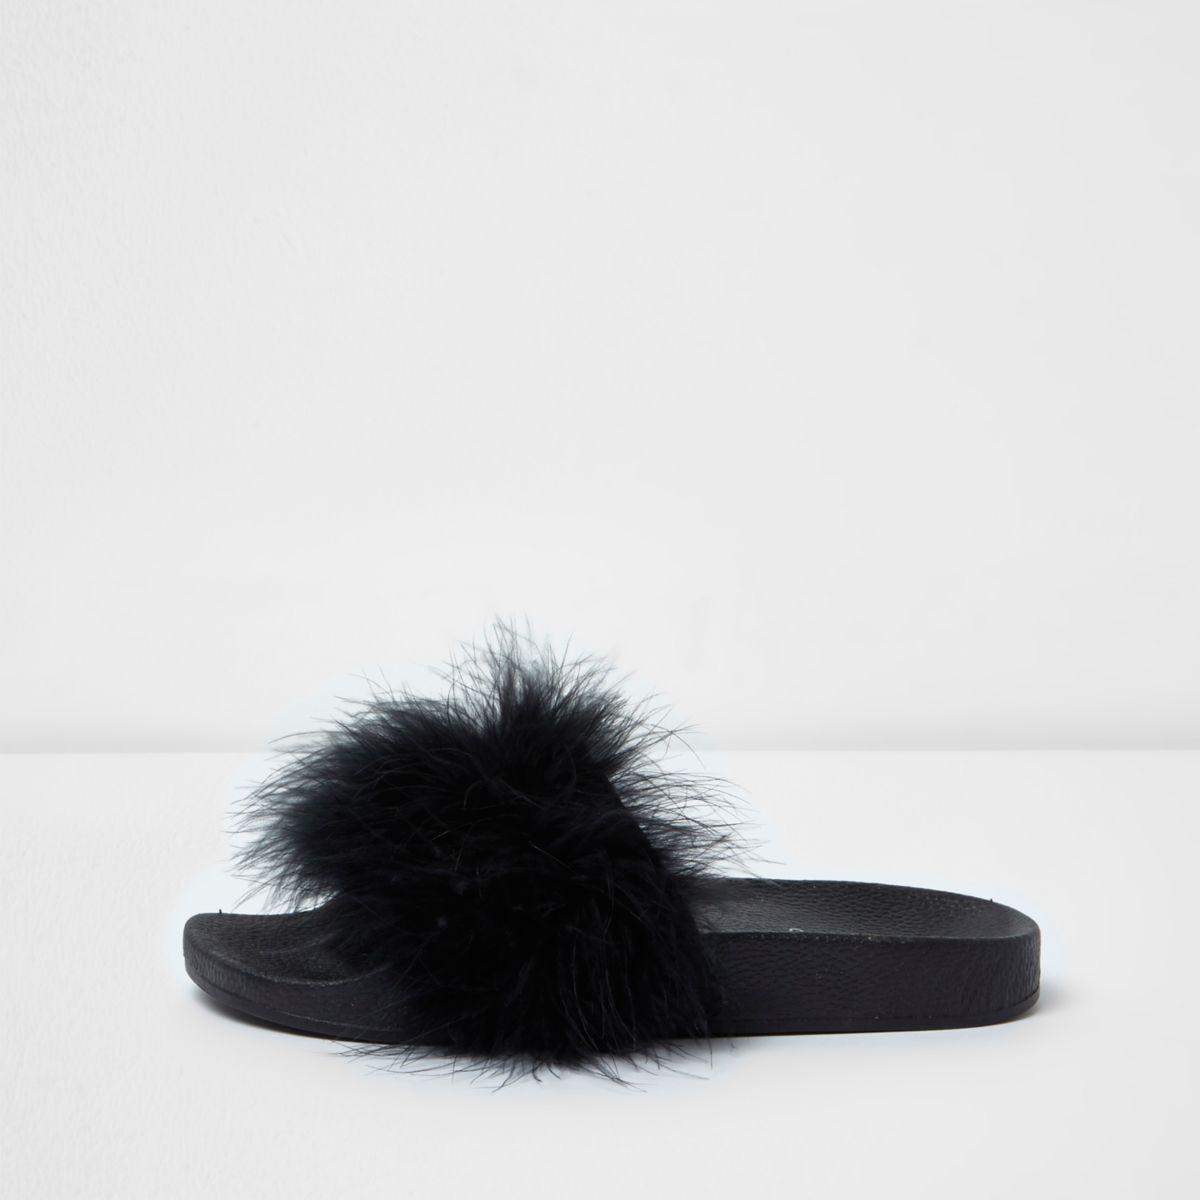 Claquettes  noires duveteuses